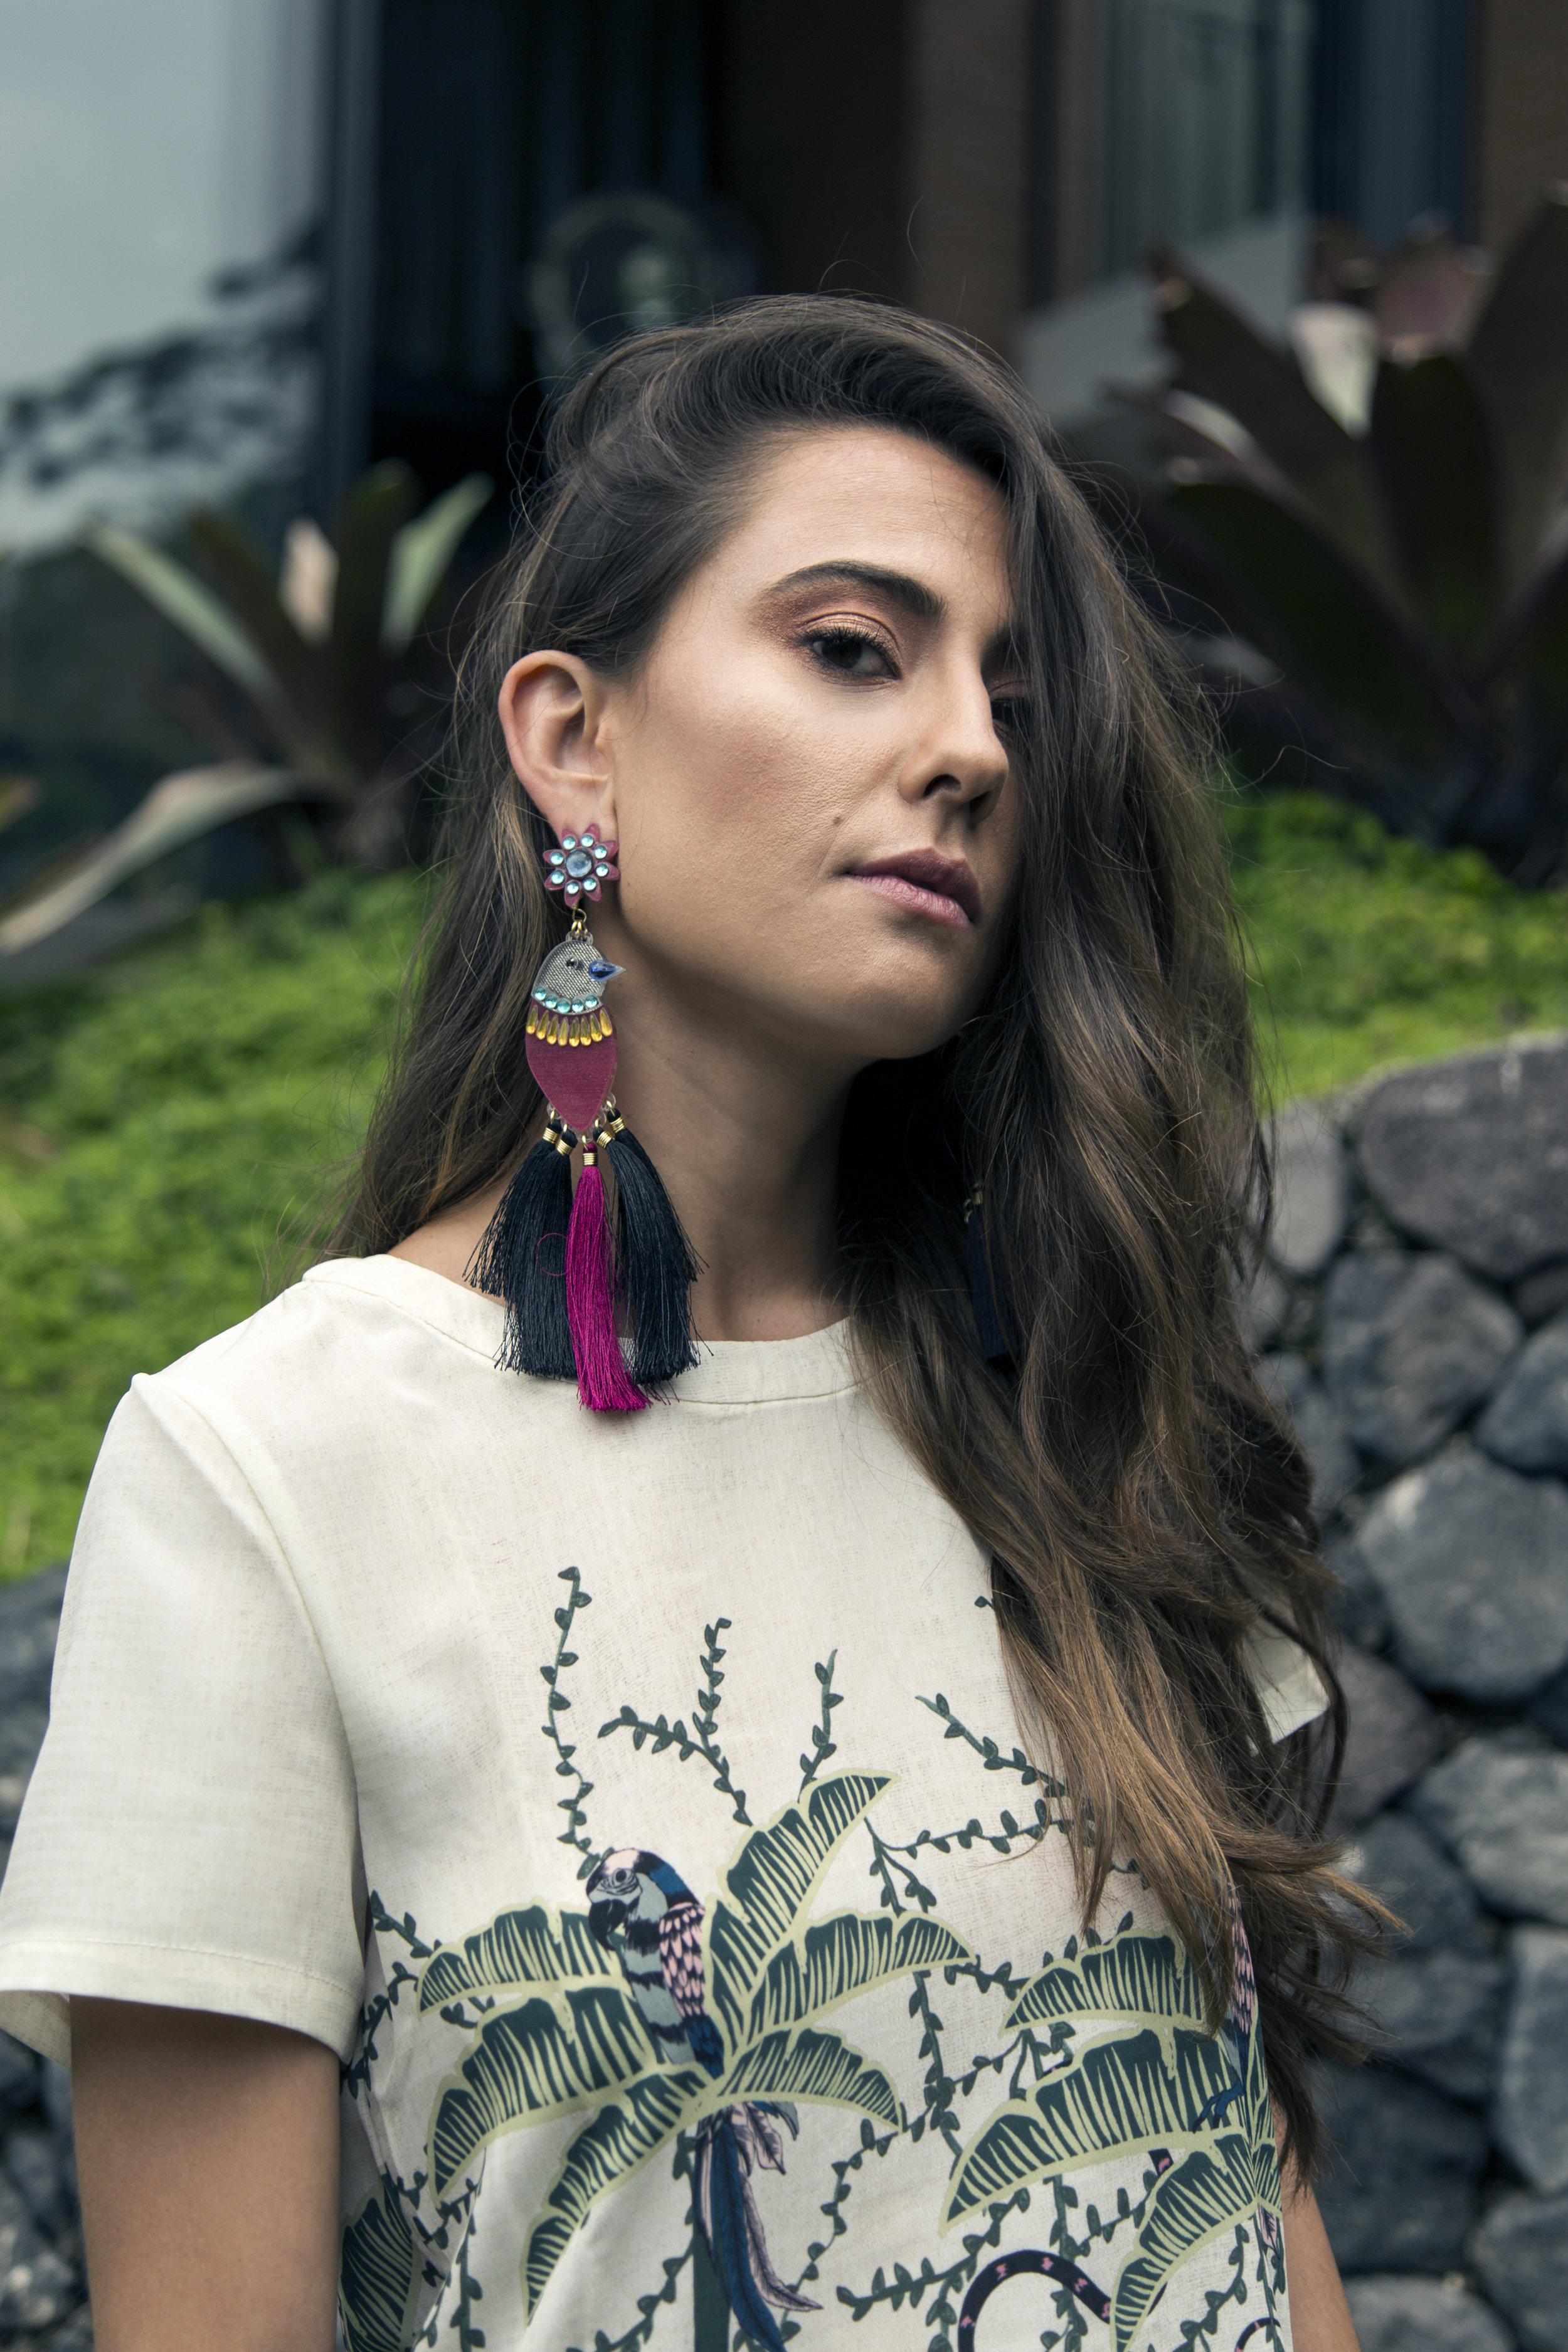 La Piña Bohemia / Photography: Hey Helga Studio